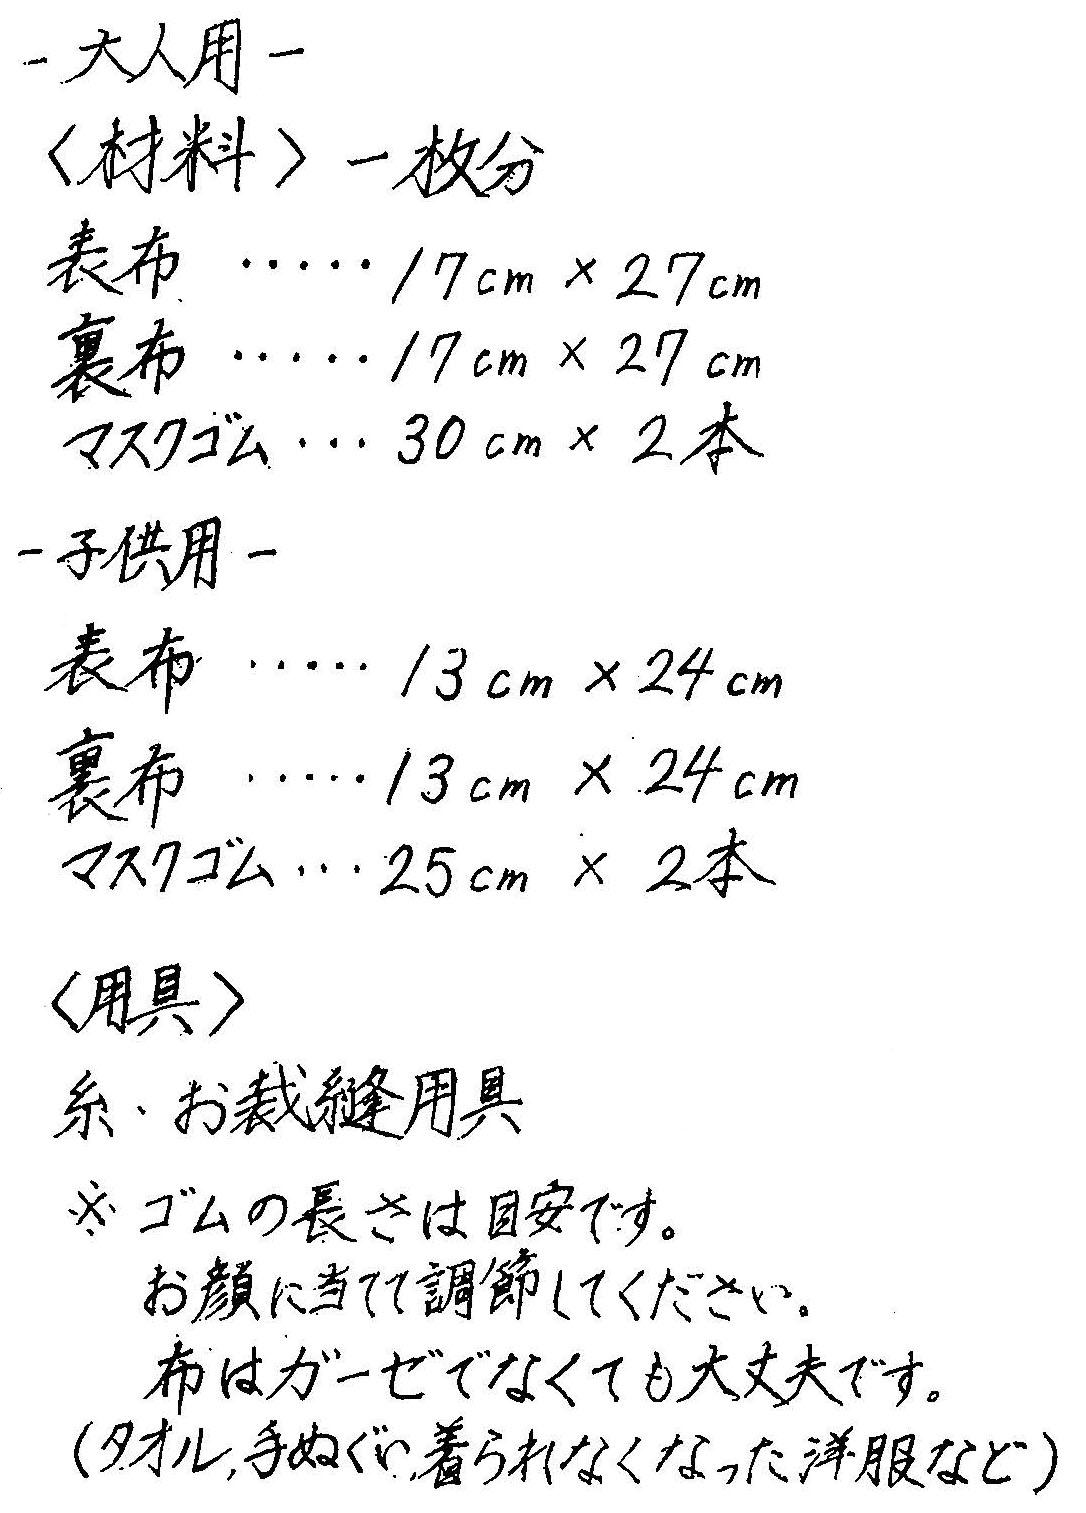 手書き説明書_日本語2